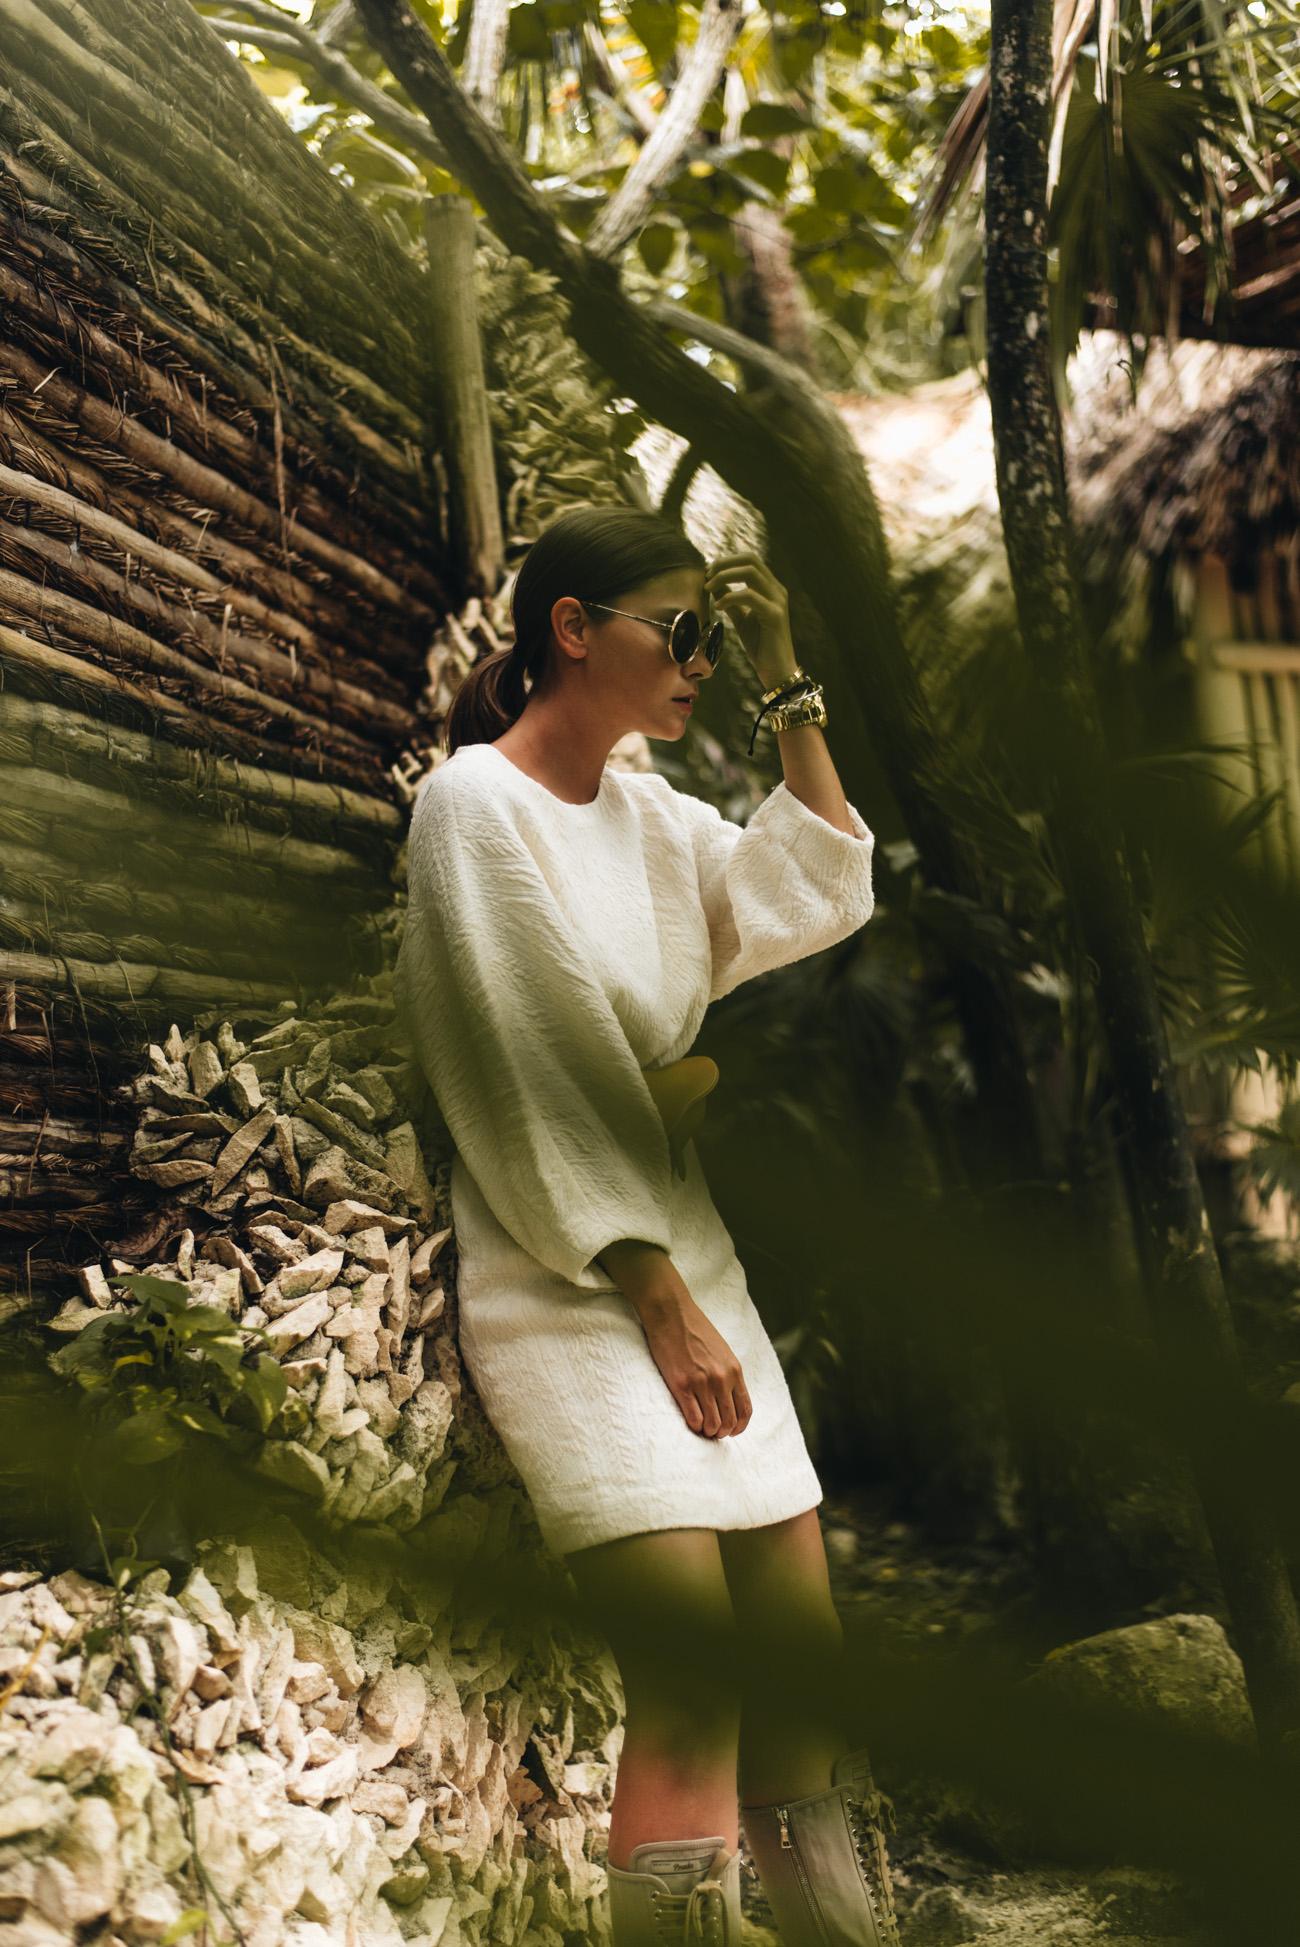 mode-bloggerin-nina-schwichtenberg-mode-trends-2018-schnürstiefel-prada-sommerkleider-fashiioncarpet